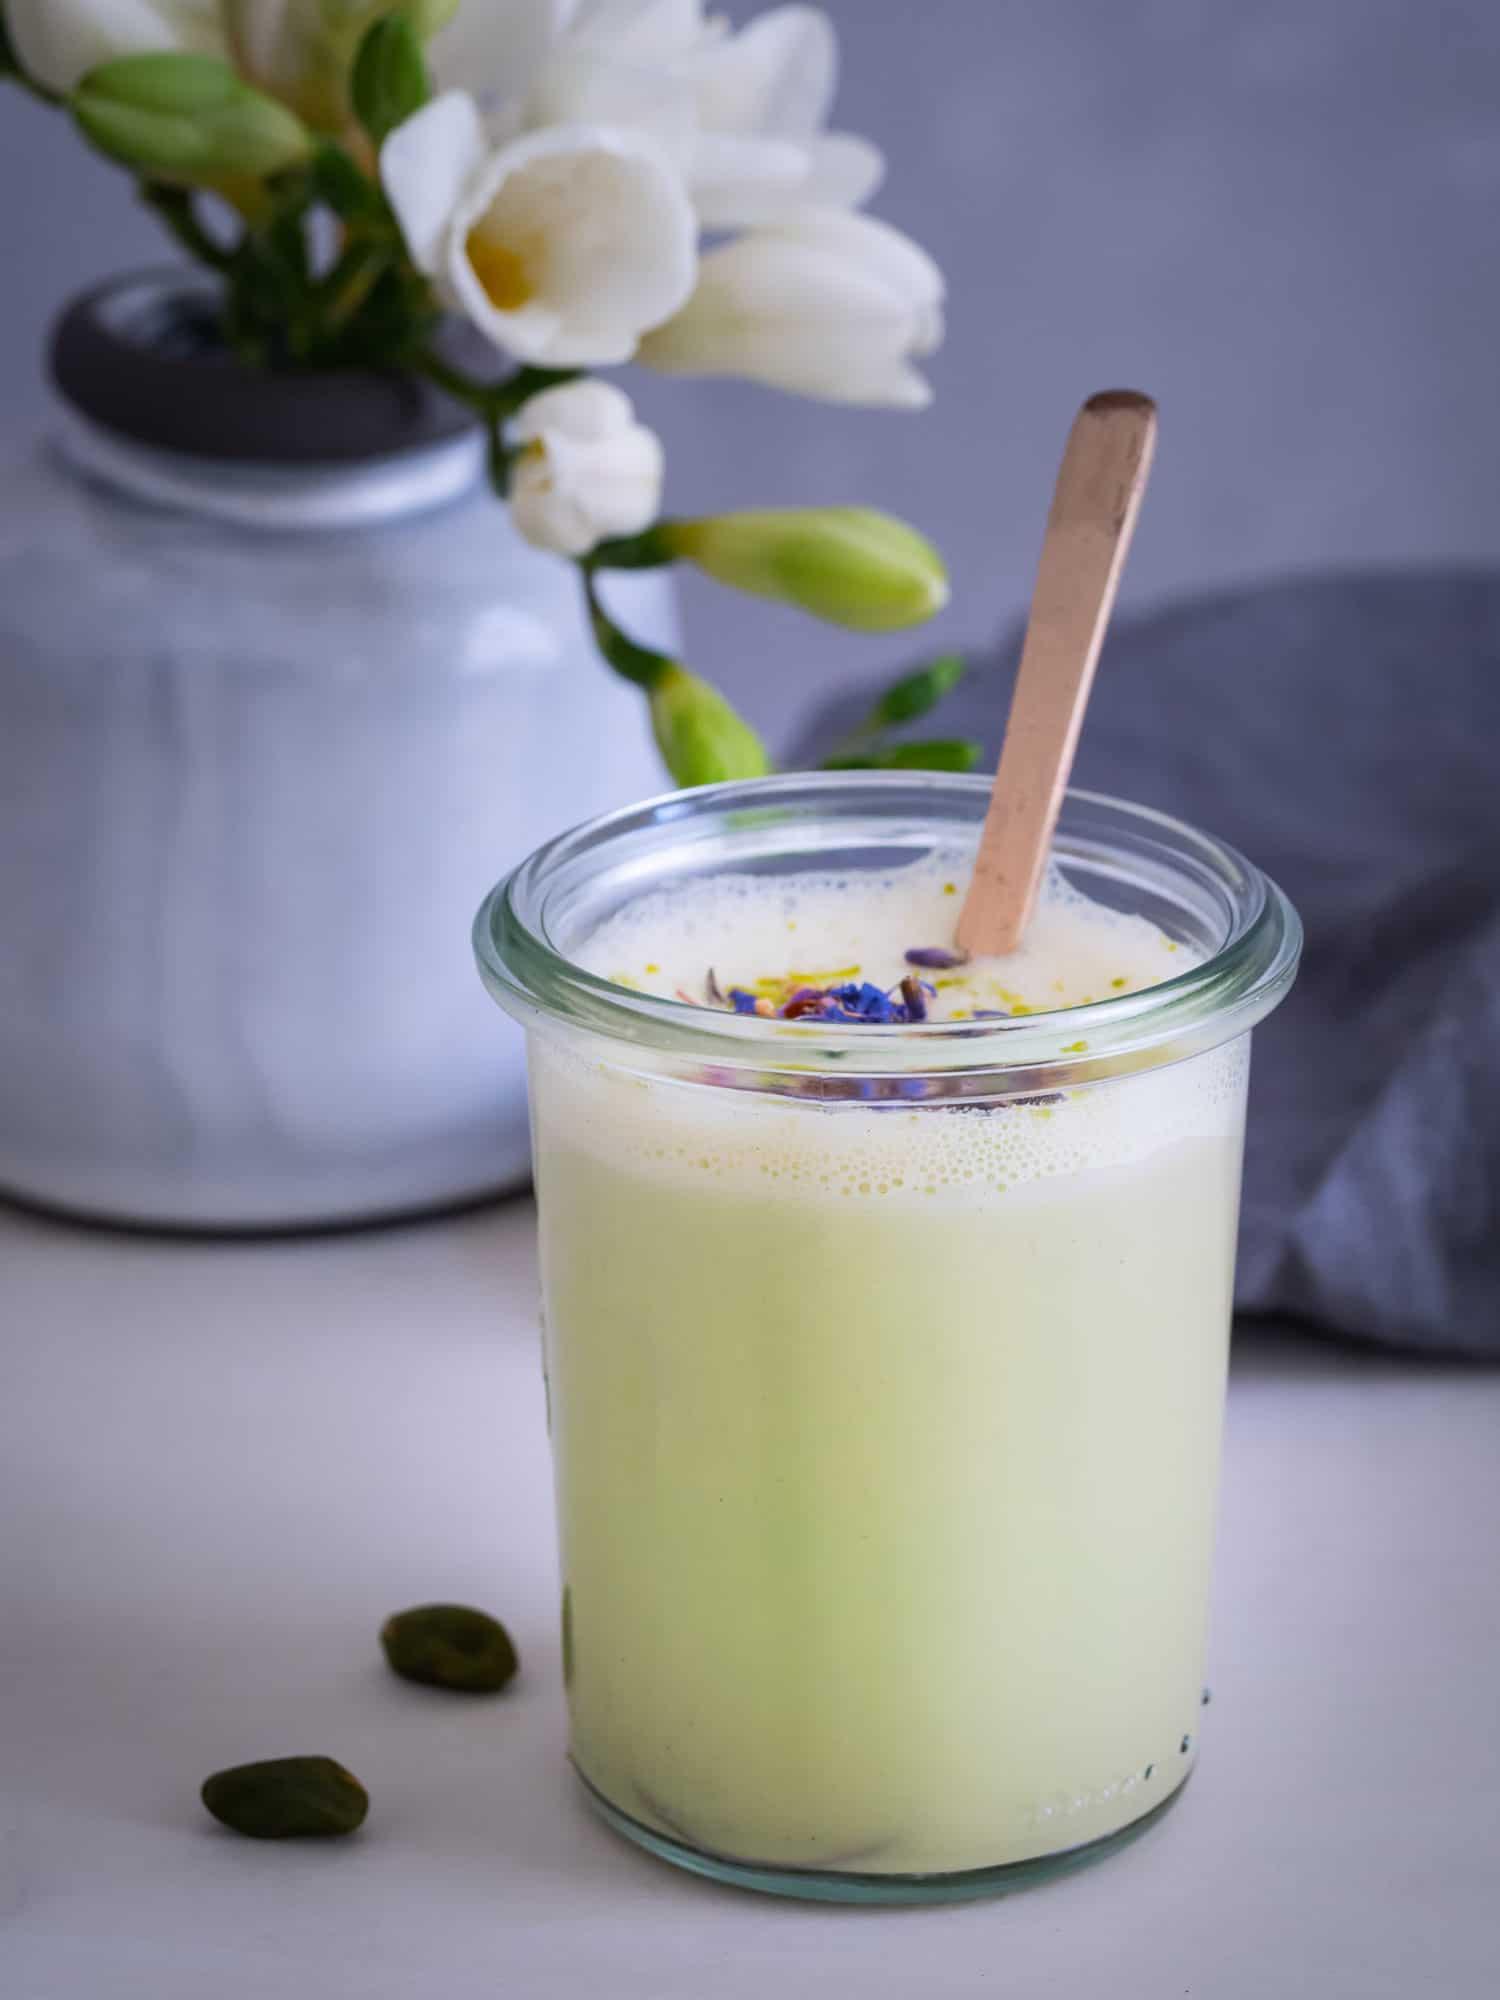 Pistazien Milch im Glas mit Blüten